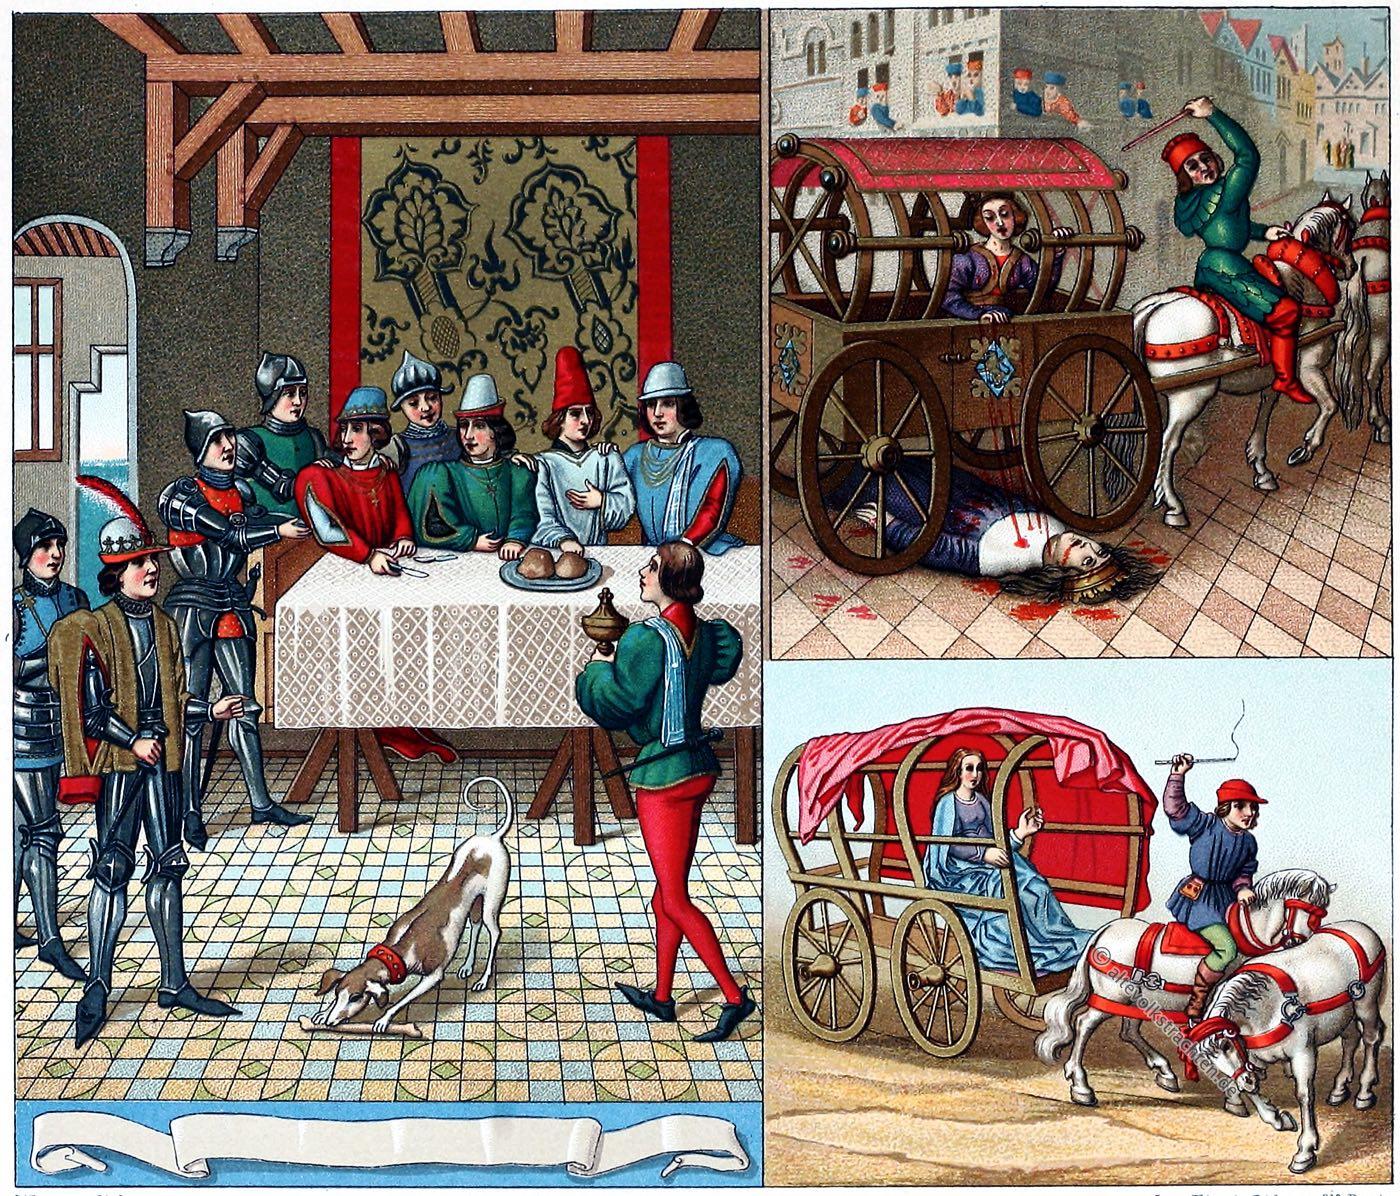 Auguste Racinet, Mittelalter, Kleidung, Einrichtung, Schloß, Saal, Kutschen, Fuhrwesen, Trachten, Mode, Sitten, Adel